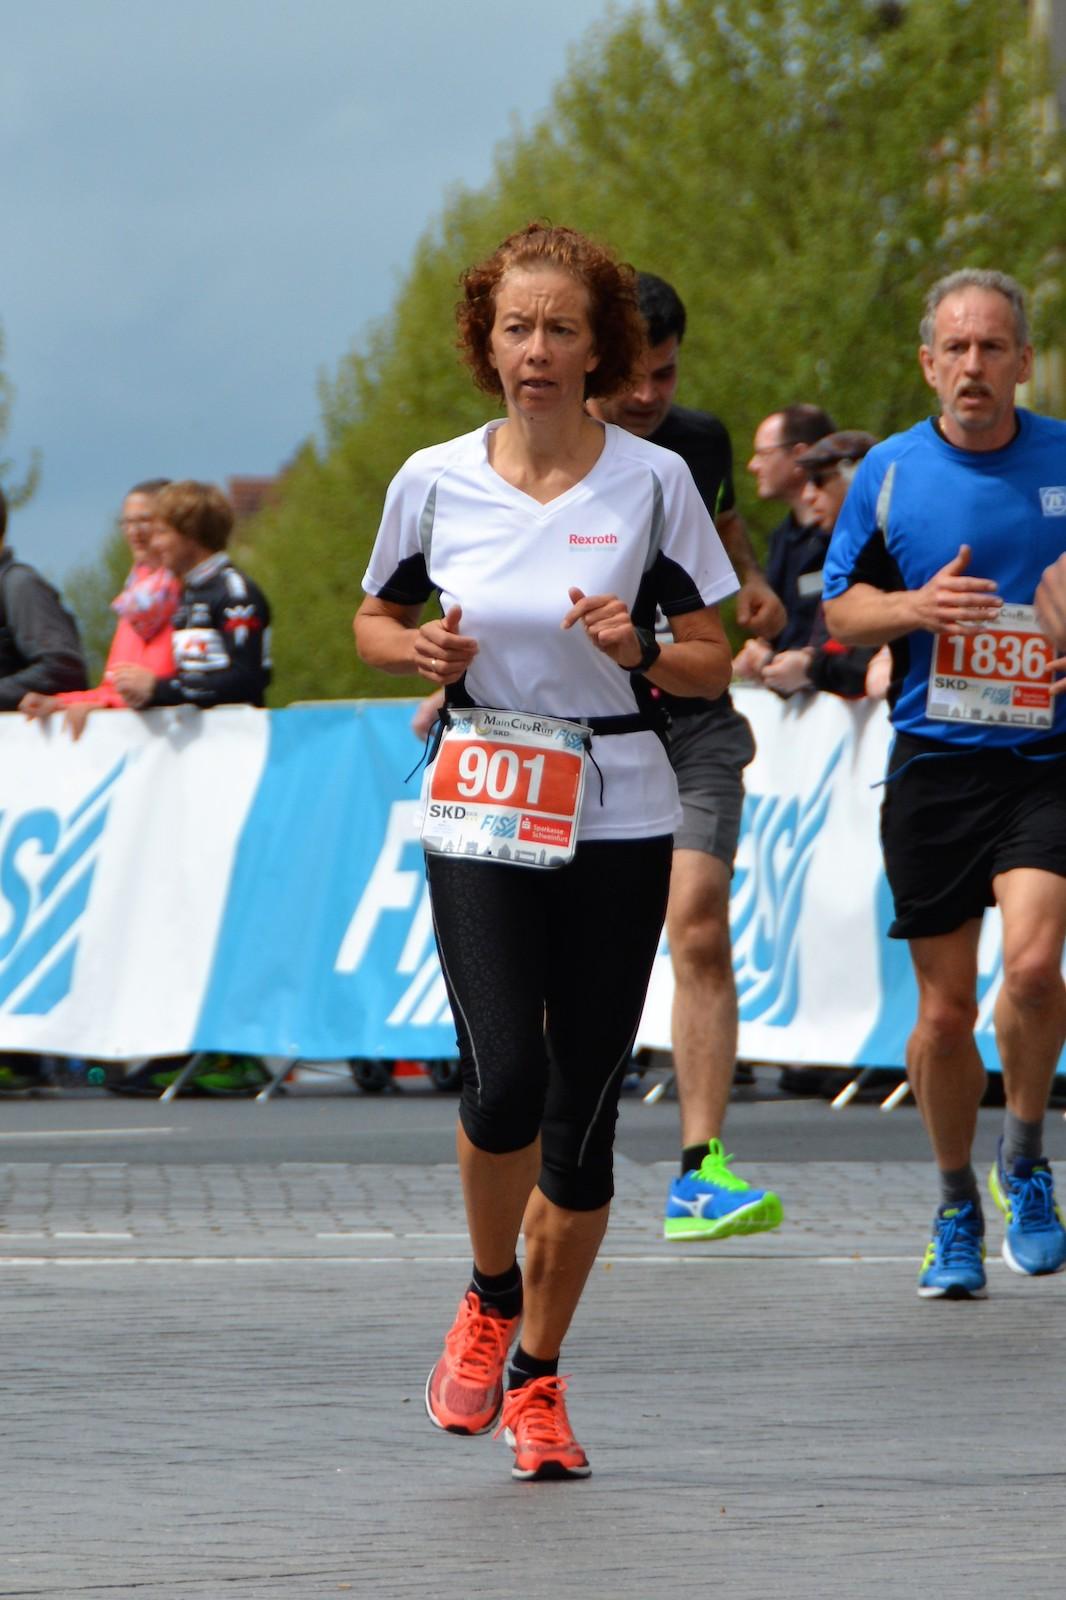 SGD - SG Runners